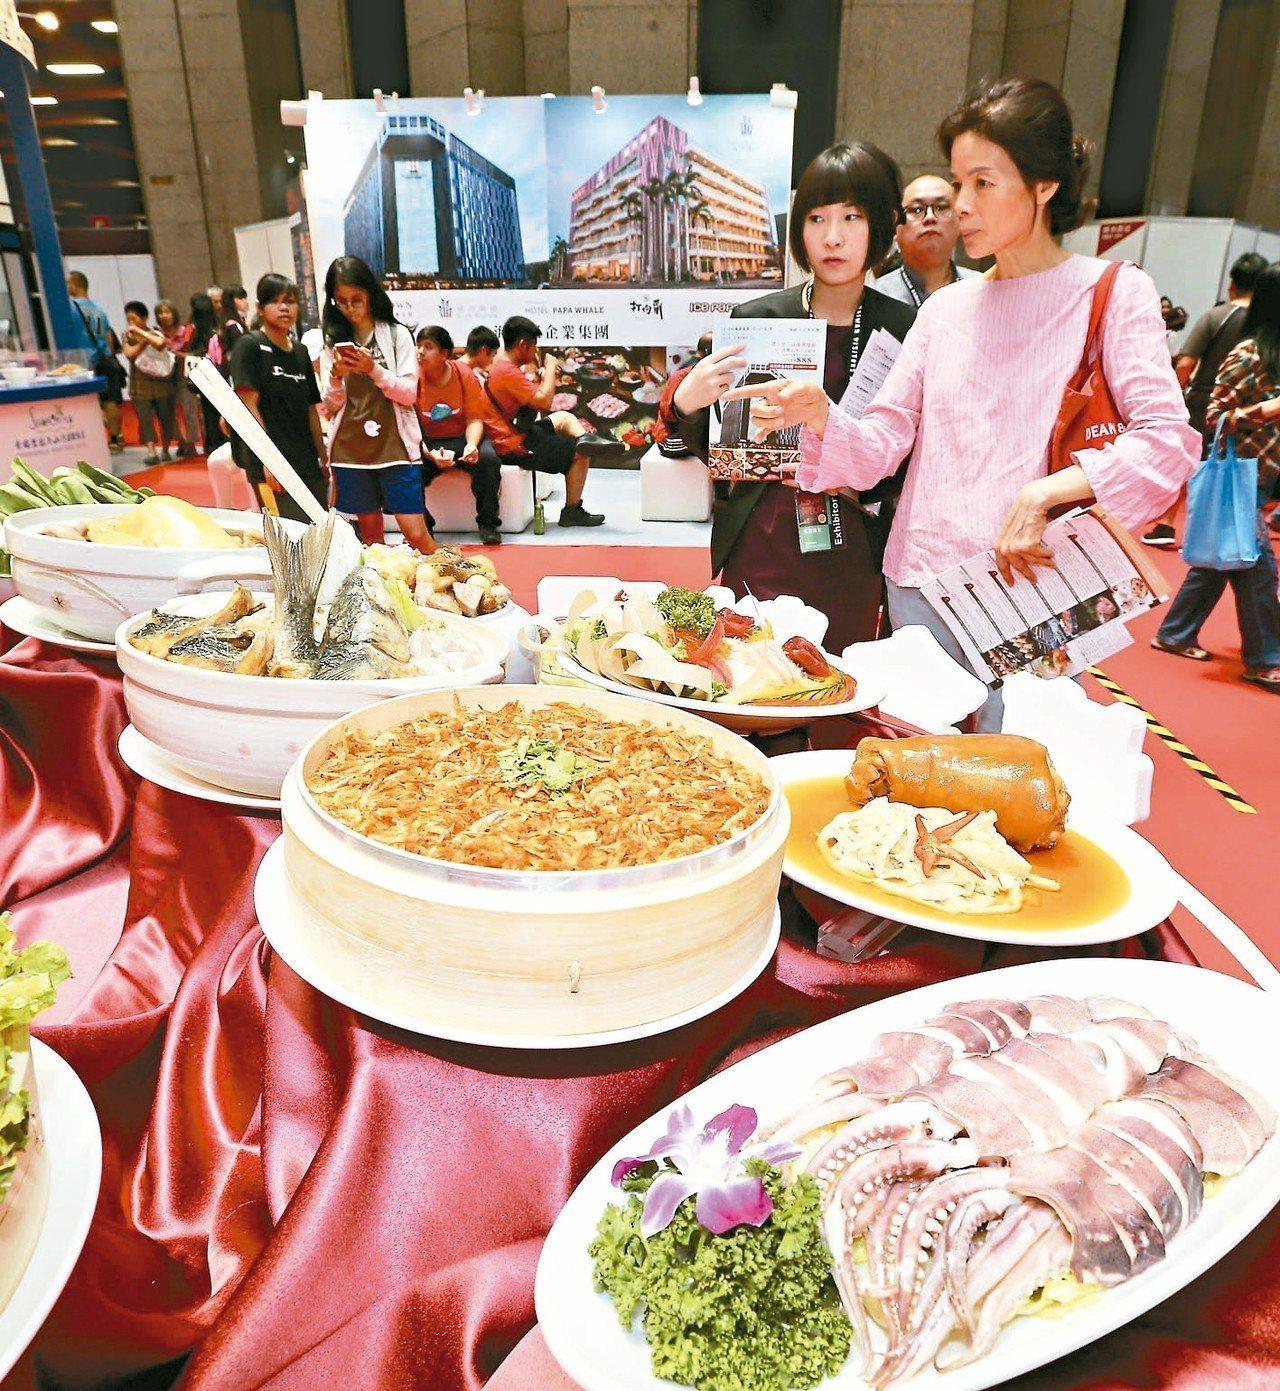 台灣美食展開幕,不少民眾前往參觀撿便宜。 記者許正宏/攝影